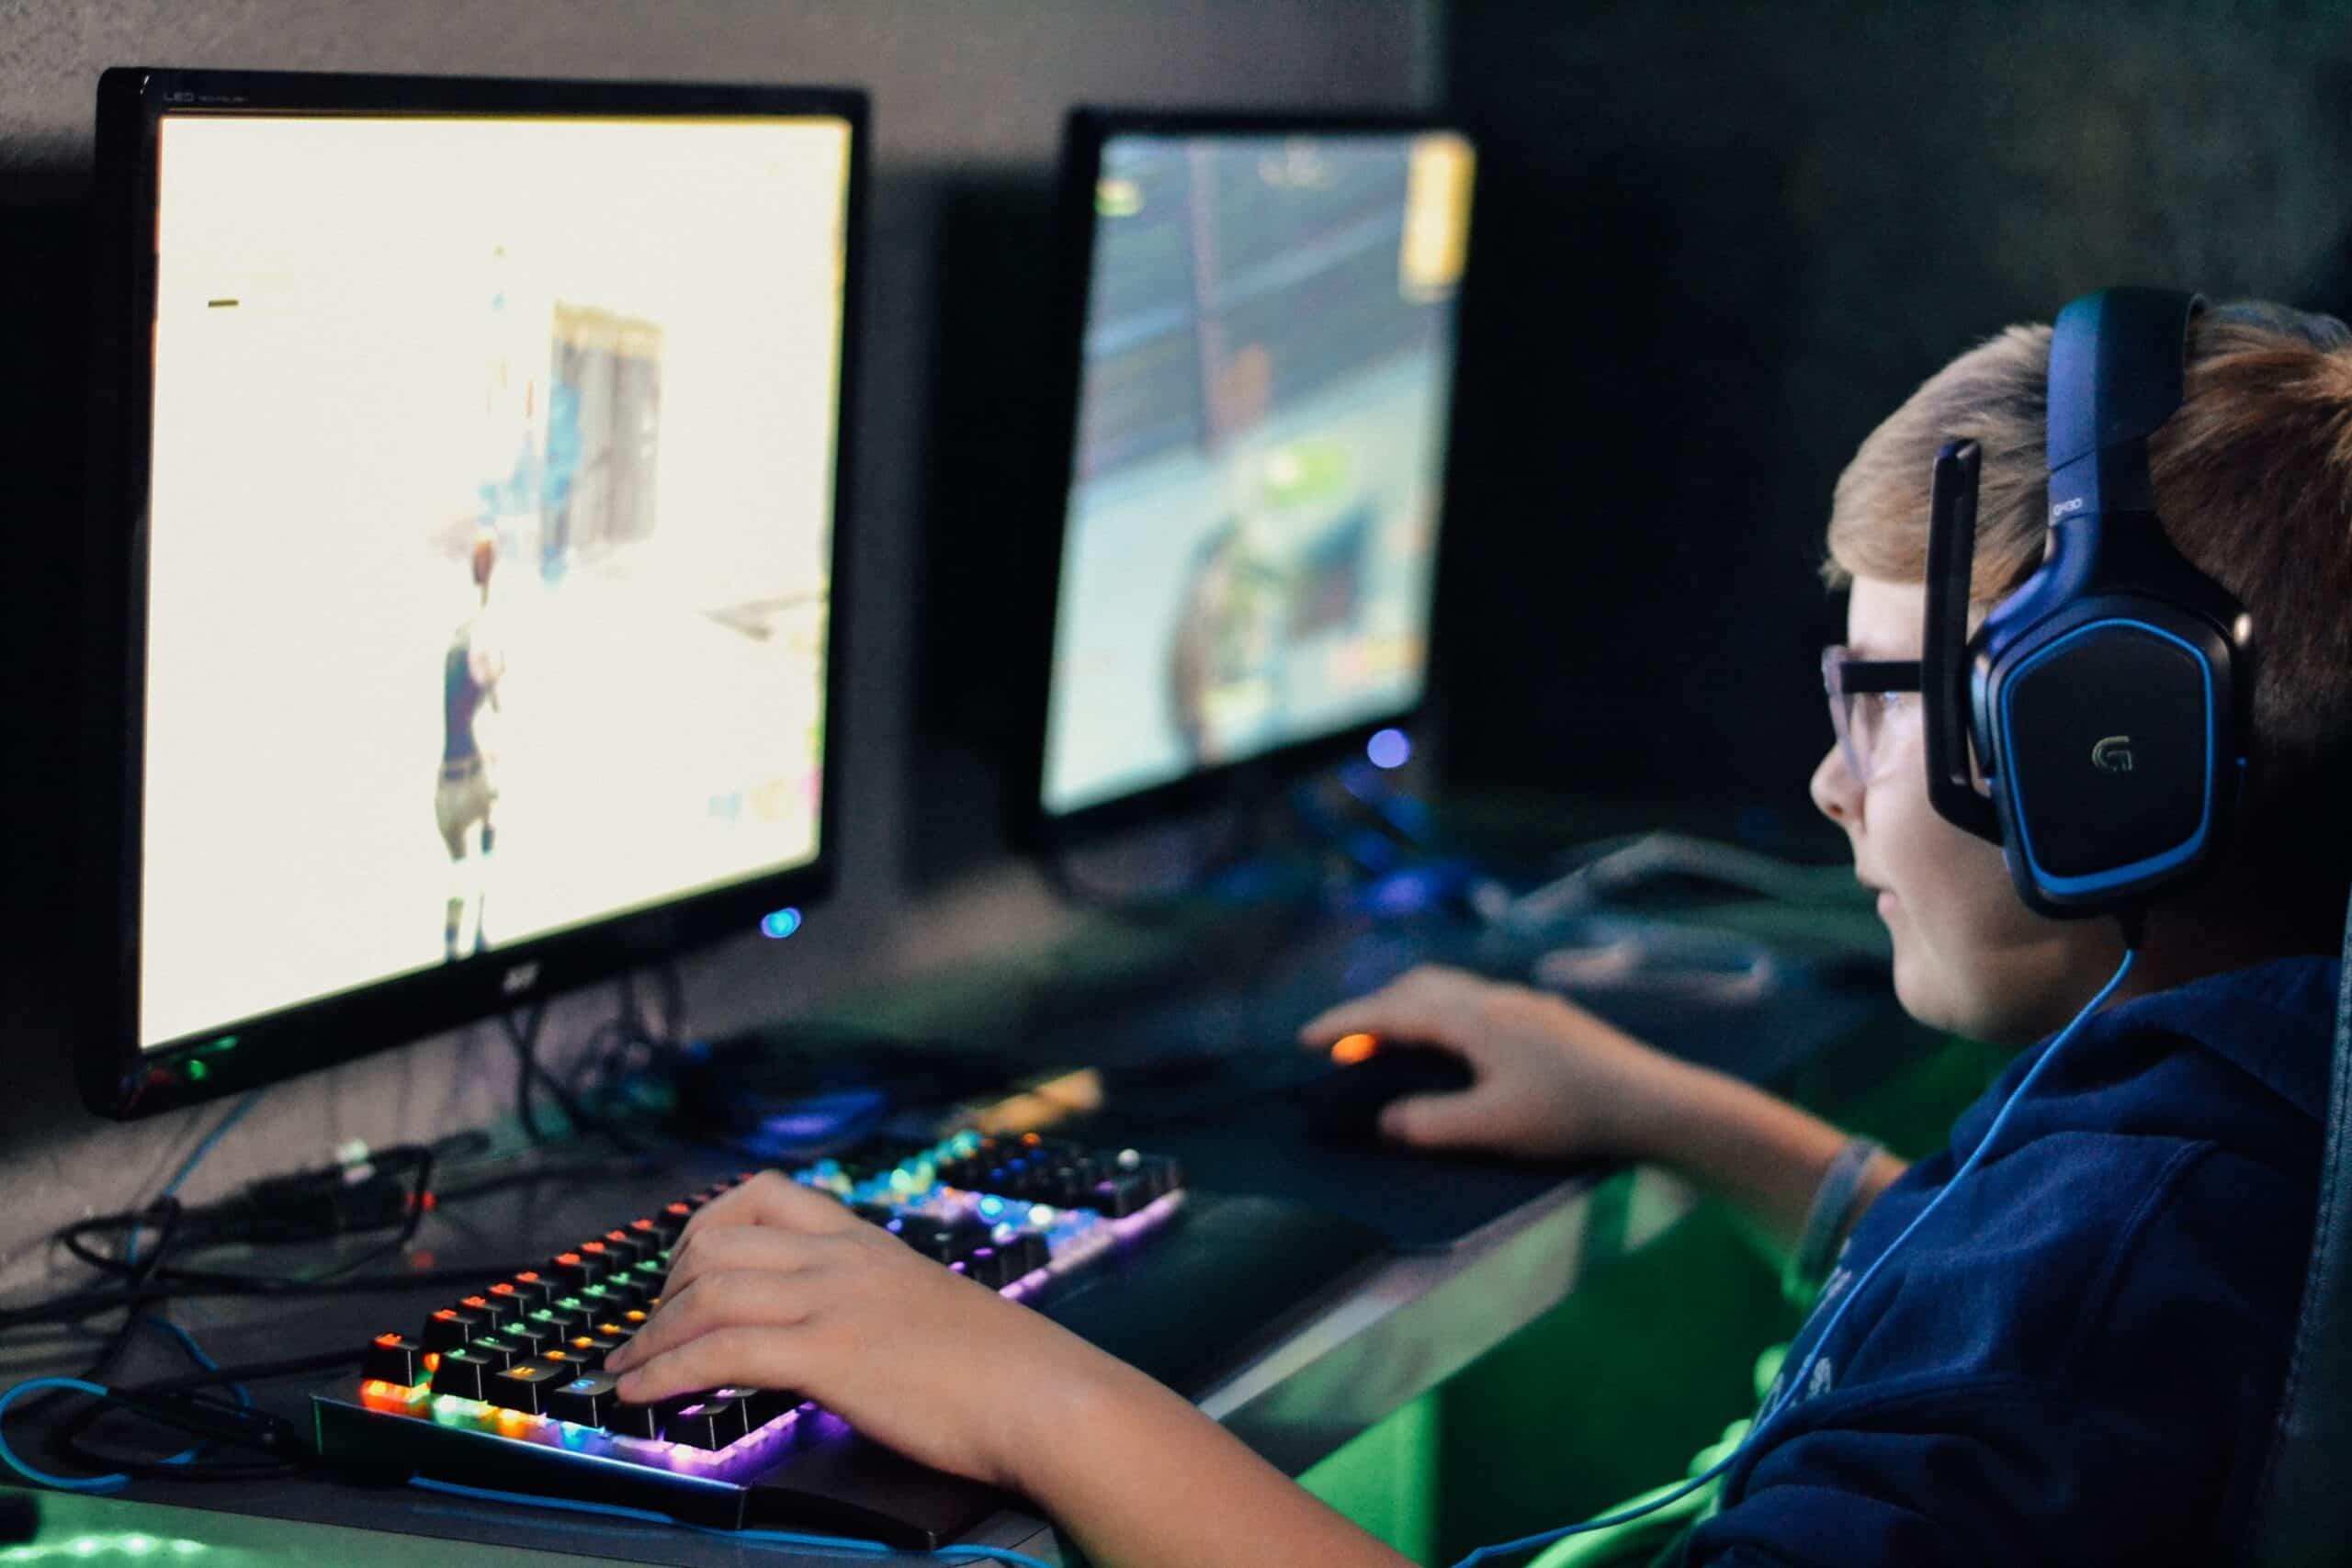 los 10 principales peligros en terminos de ciberseguridad de los videojuegos online scaled